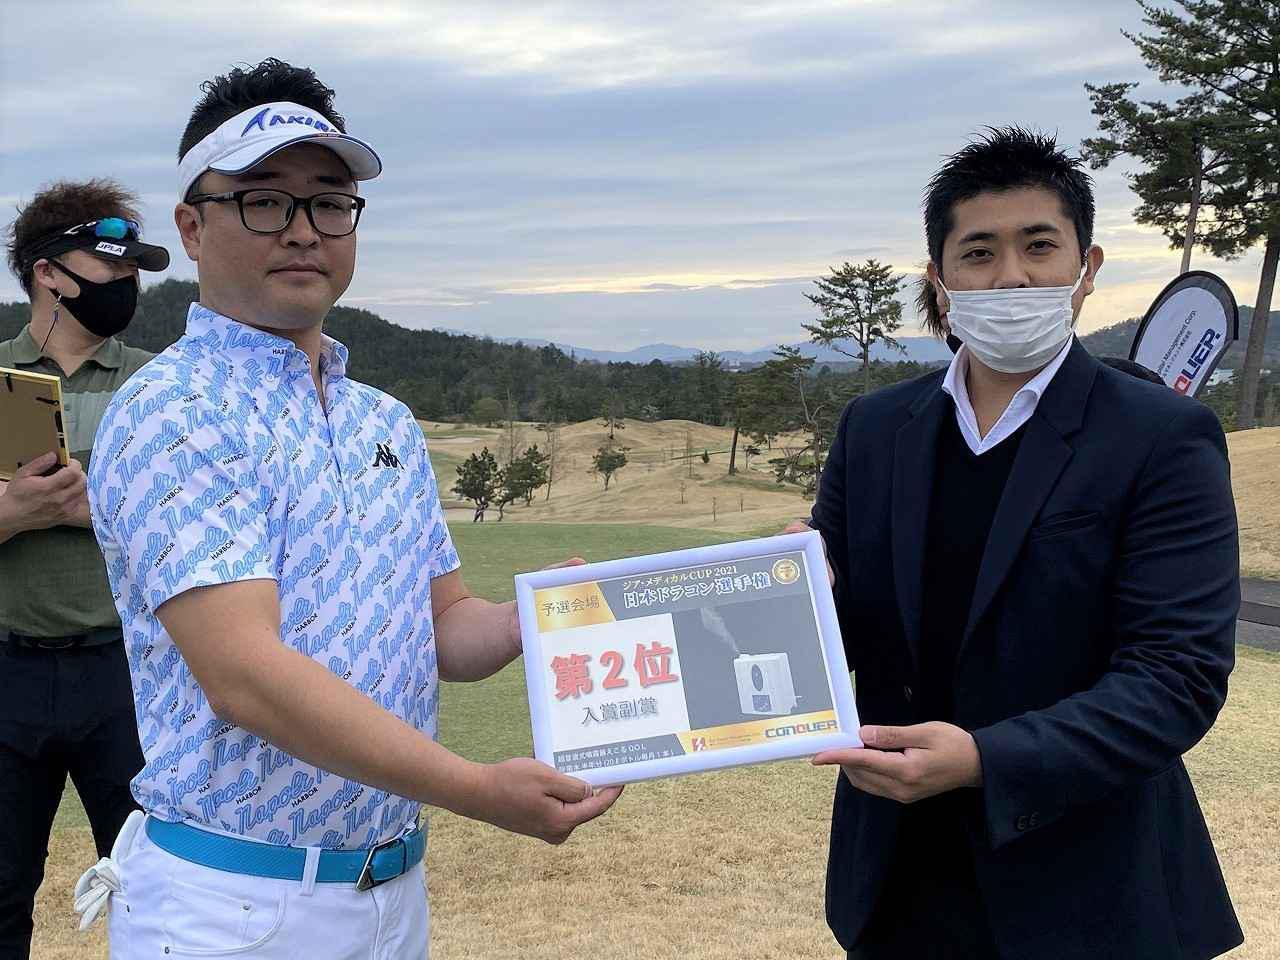 画像: 第4予選 オープンディビジョン第2位 溝田 祐規 選手